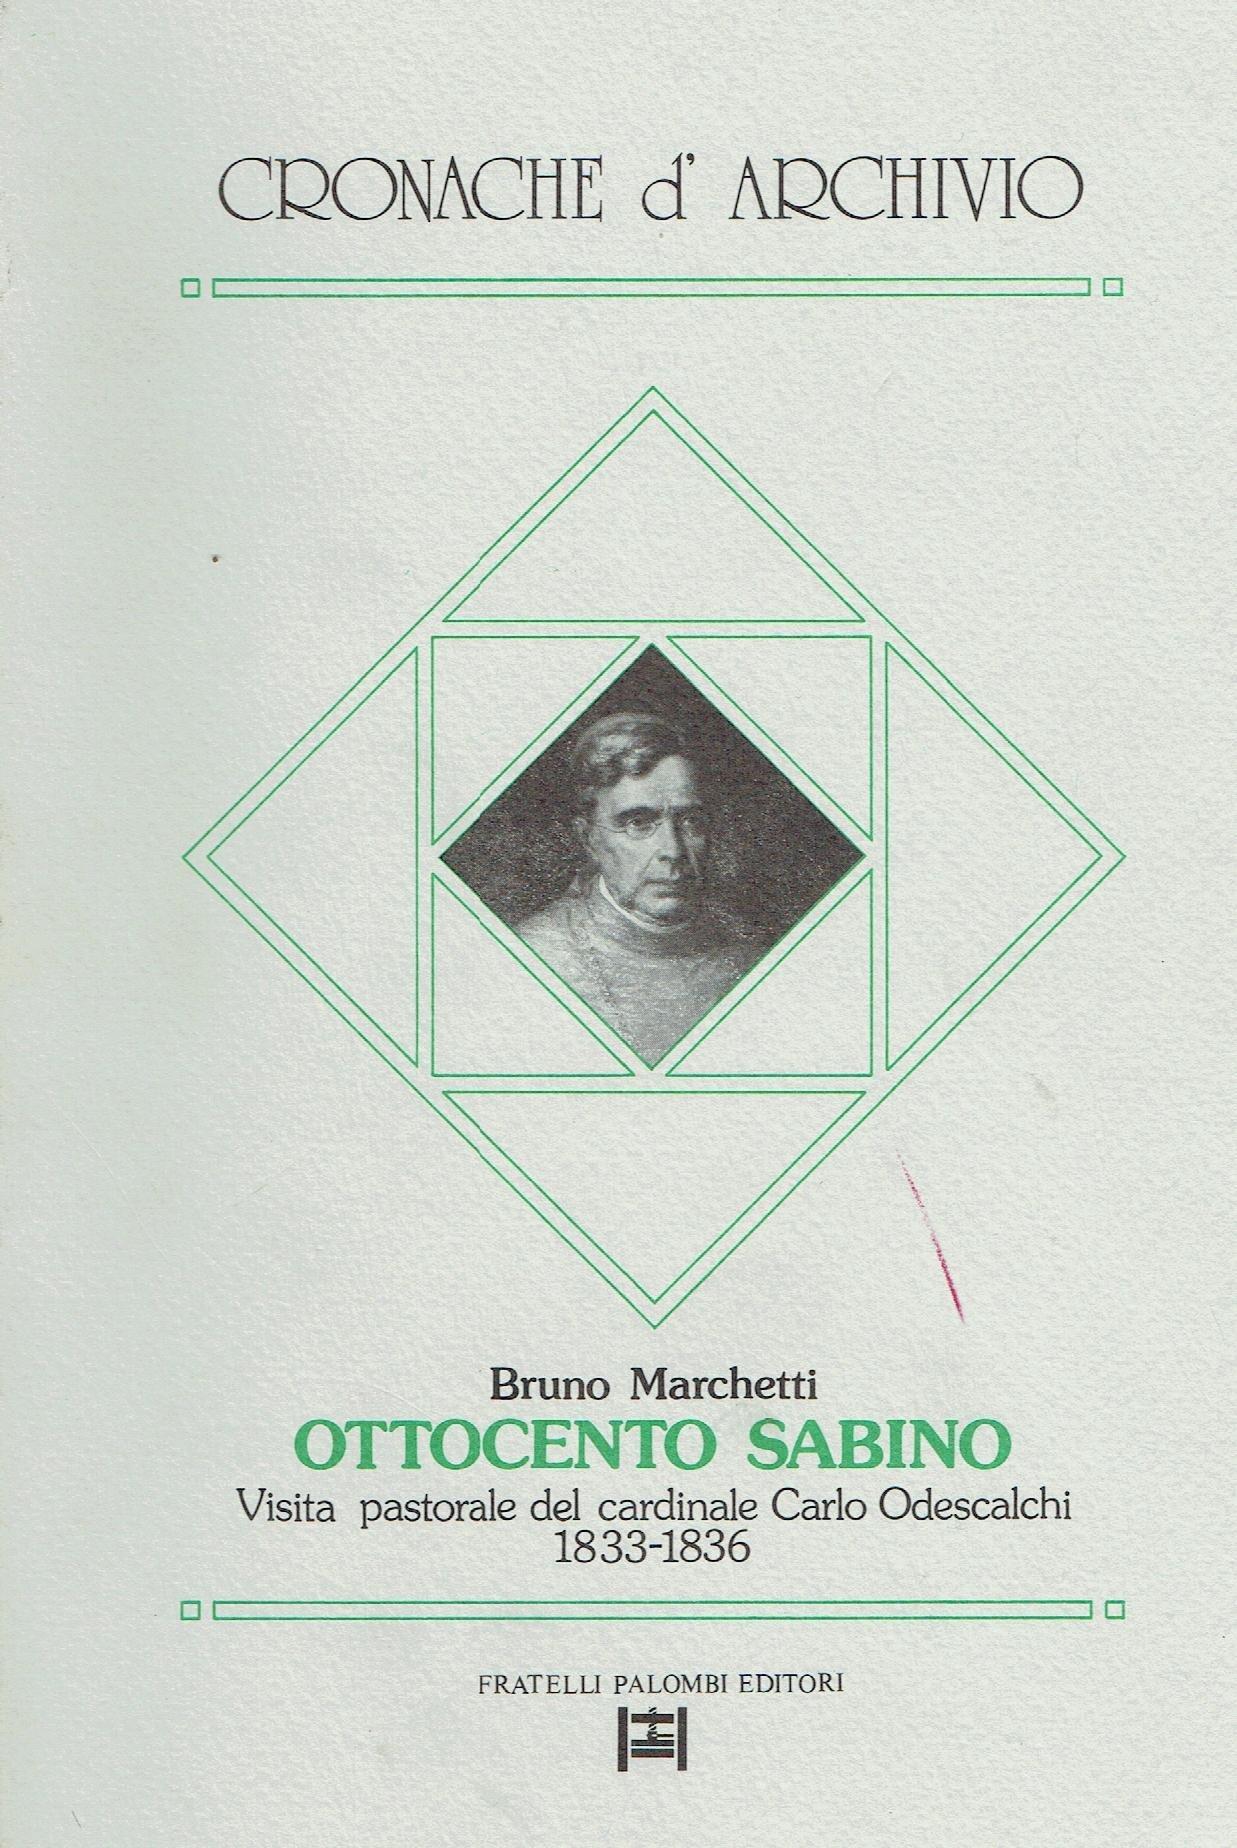 Ottocento Sabino